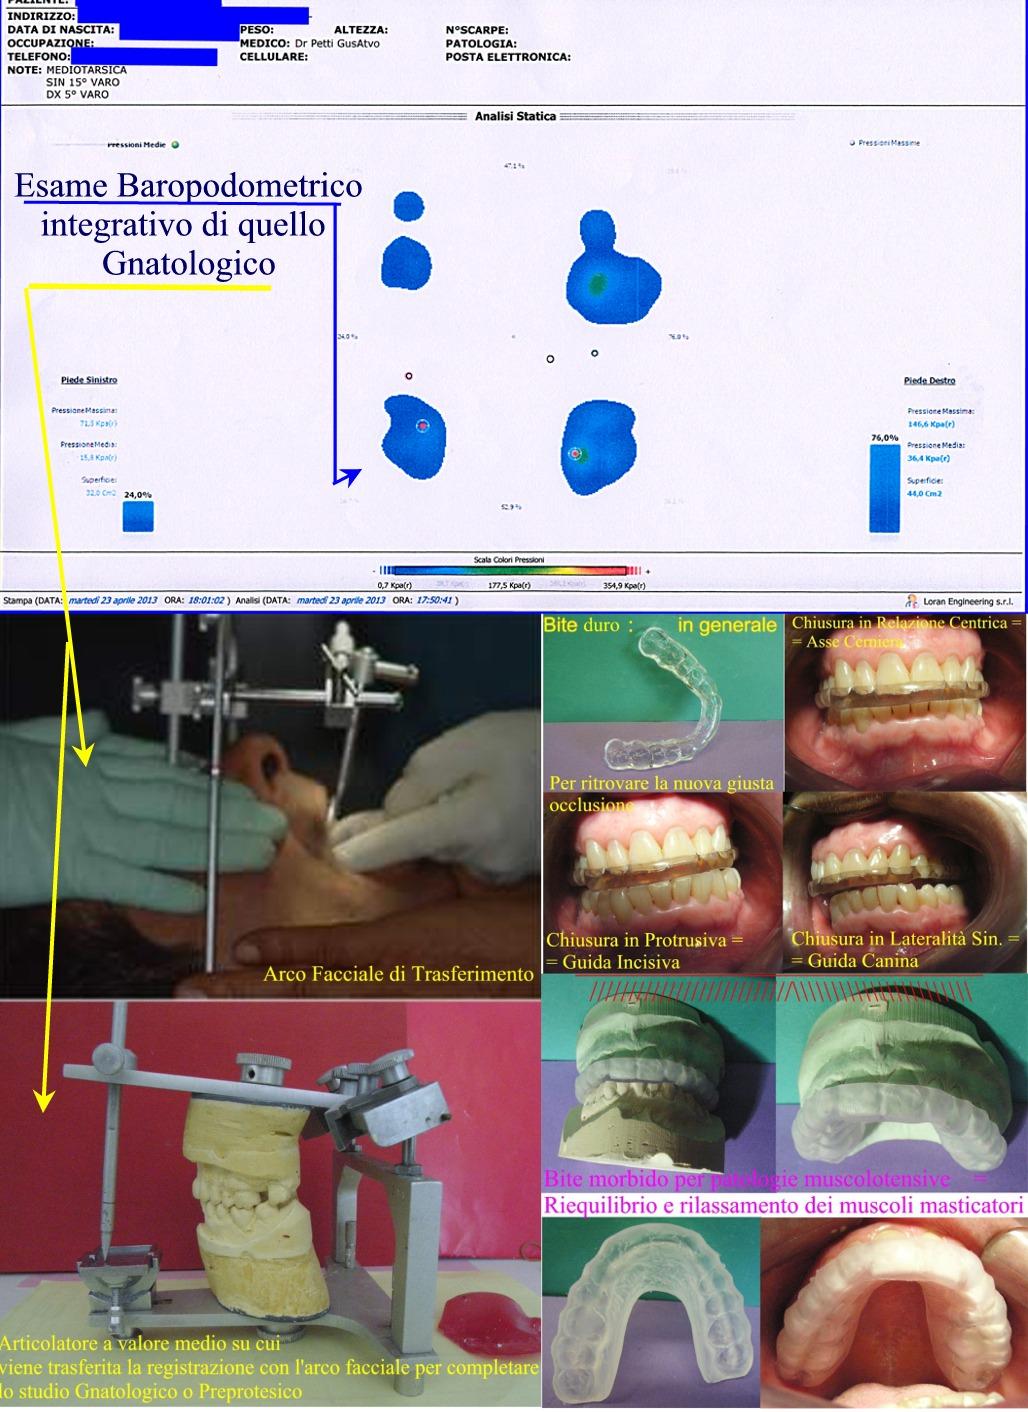 Arco facciale di trasferimento e articolatore a valore medio e studio compiuterizzato della statica e dinamica per riabilitazione orale. Da Casistica del Dr. Gustavo Petti Parodontologo Gnatologo di Cagliari